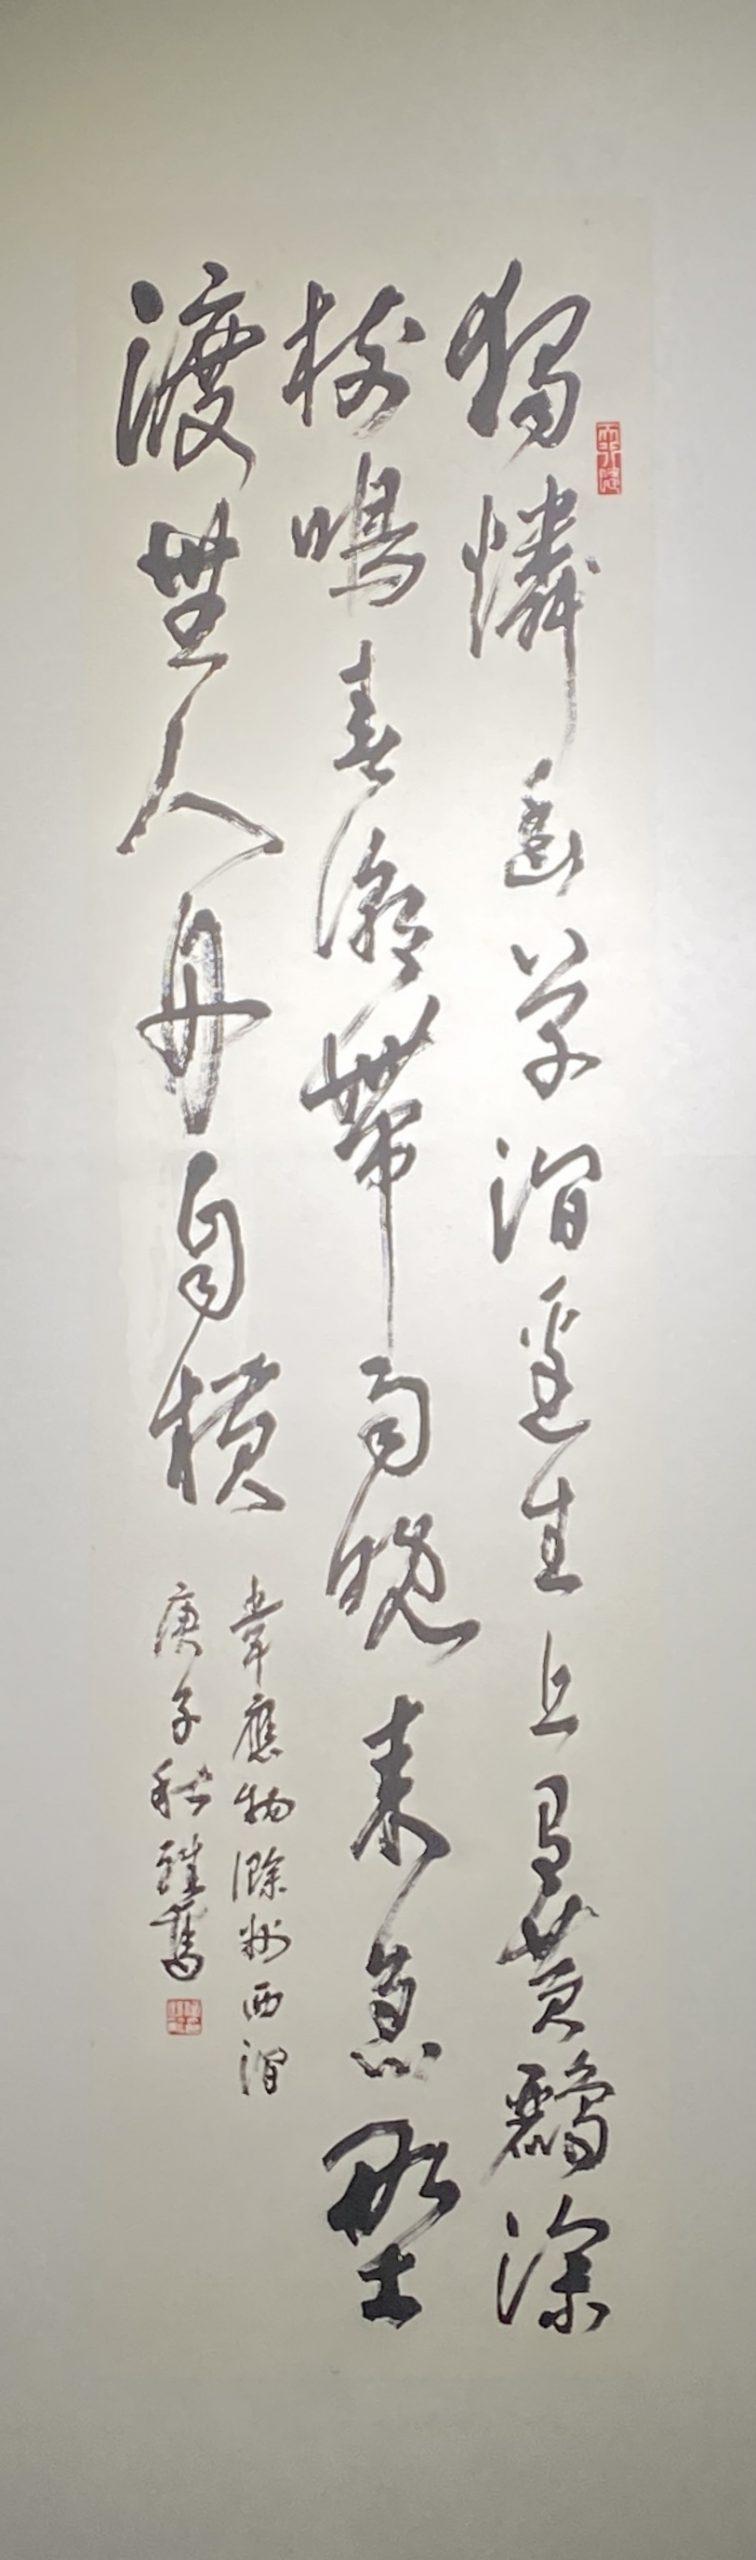 韋應物詩-2020-書-180×49cm-「丹青を振りかけ、詩情を送る-何継篤個人書画展」成都市美術館